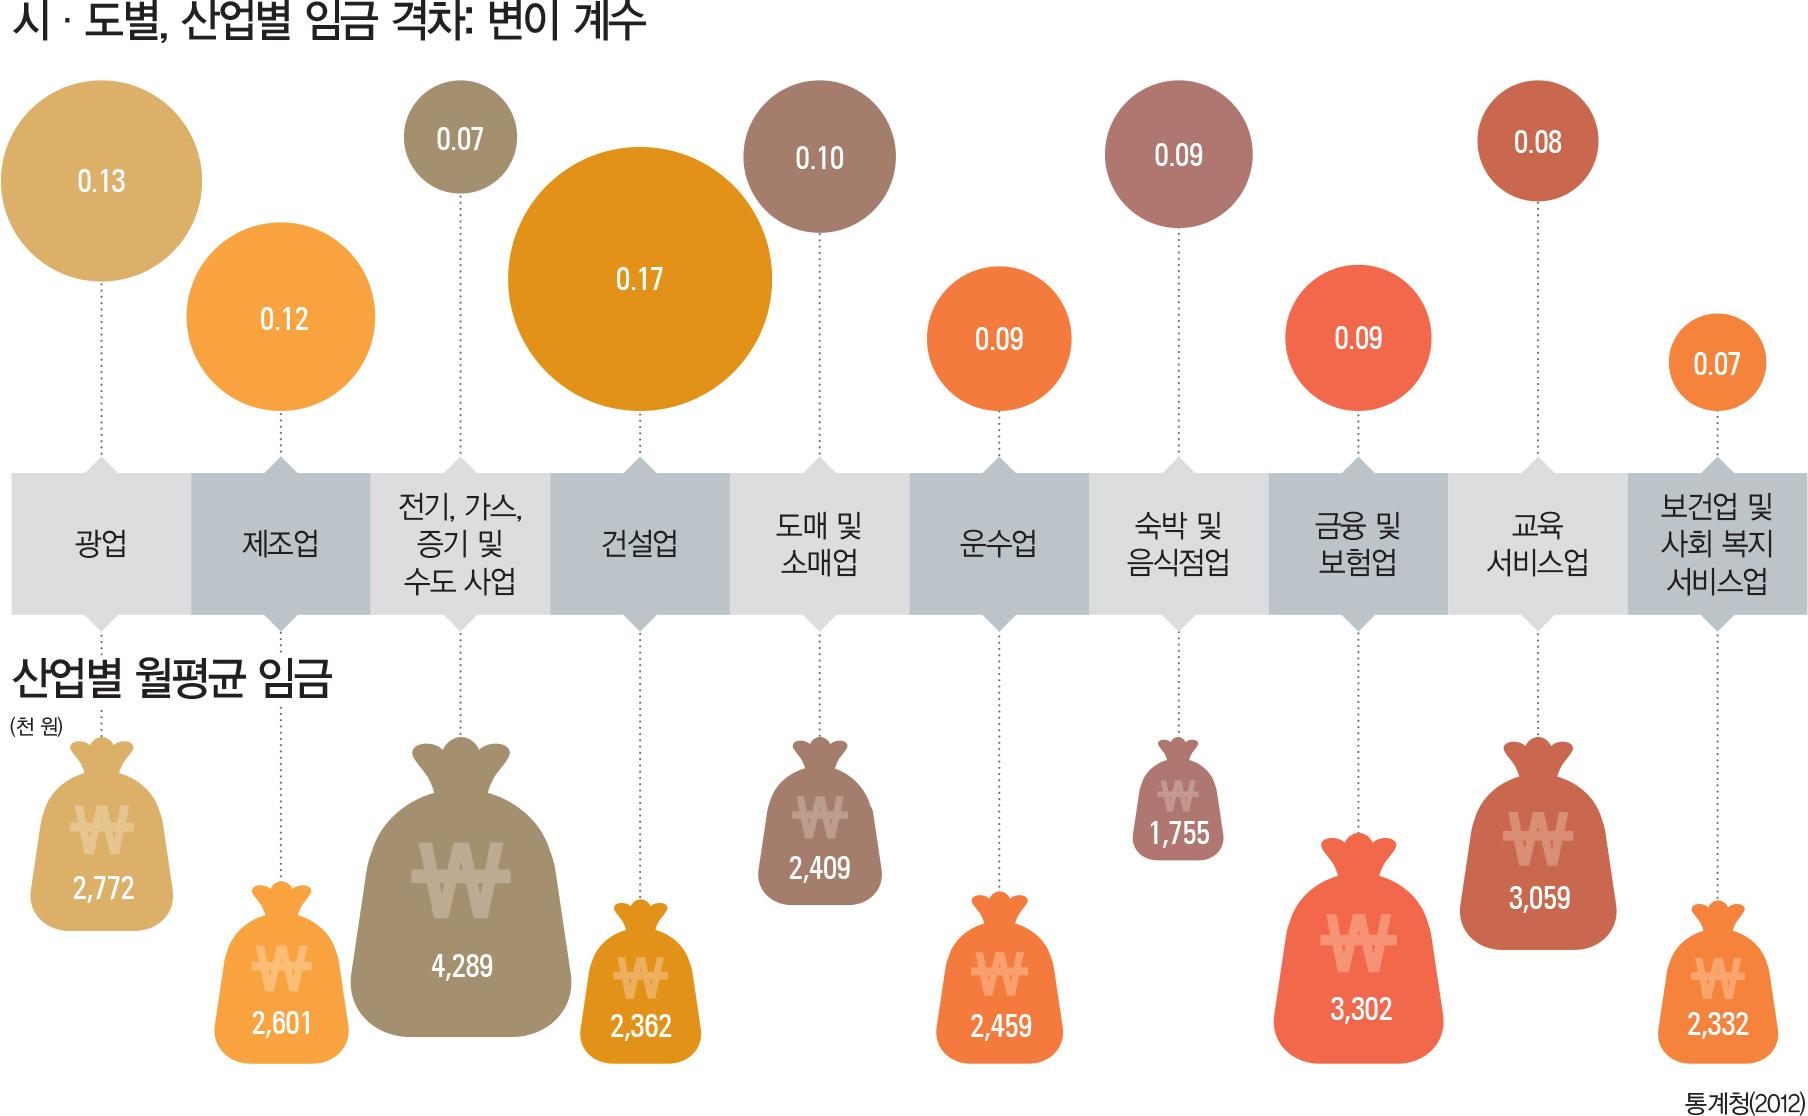 시·도별, 산업별 임금 격차: 변이 계수